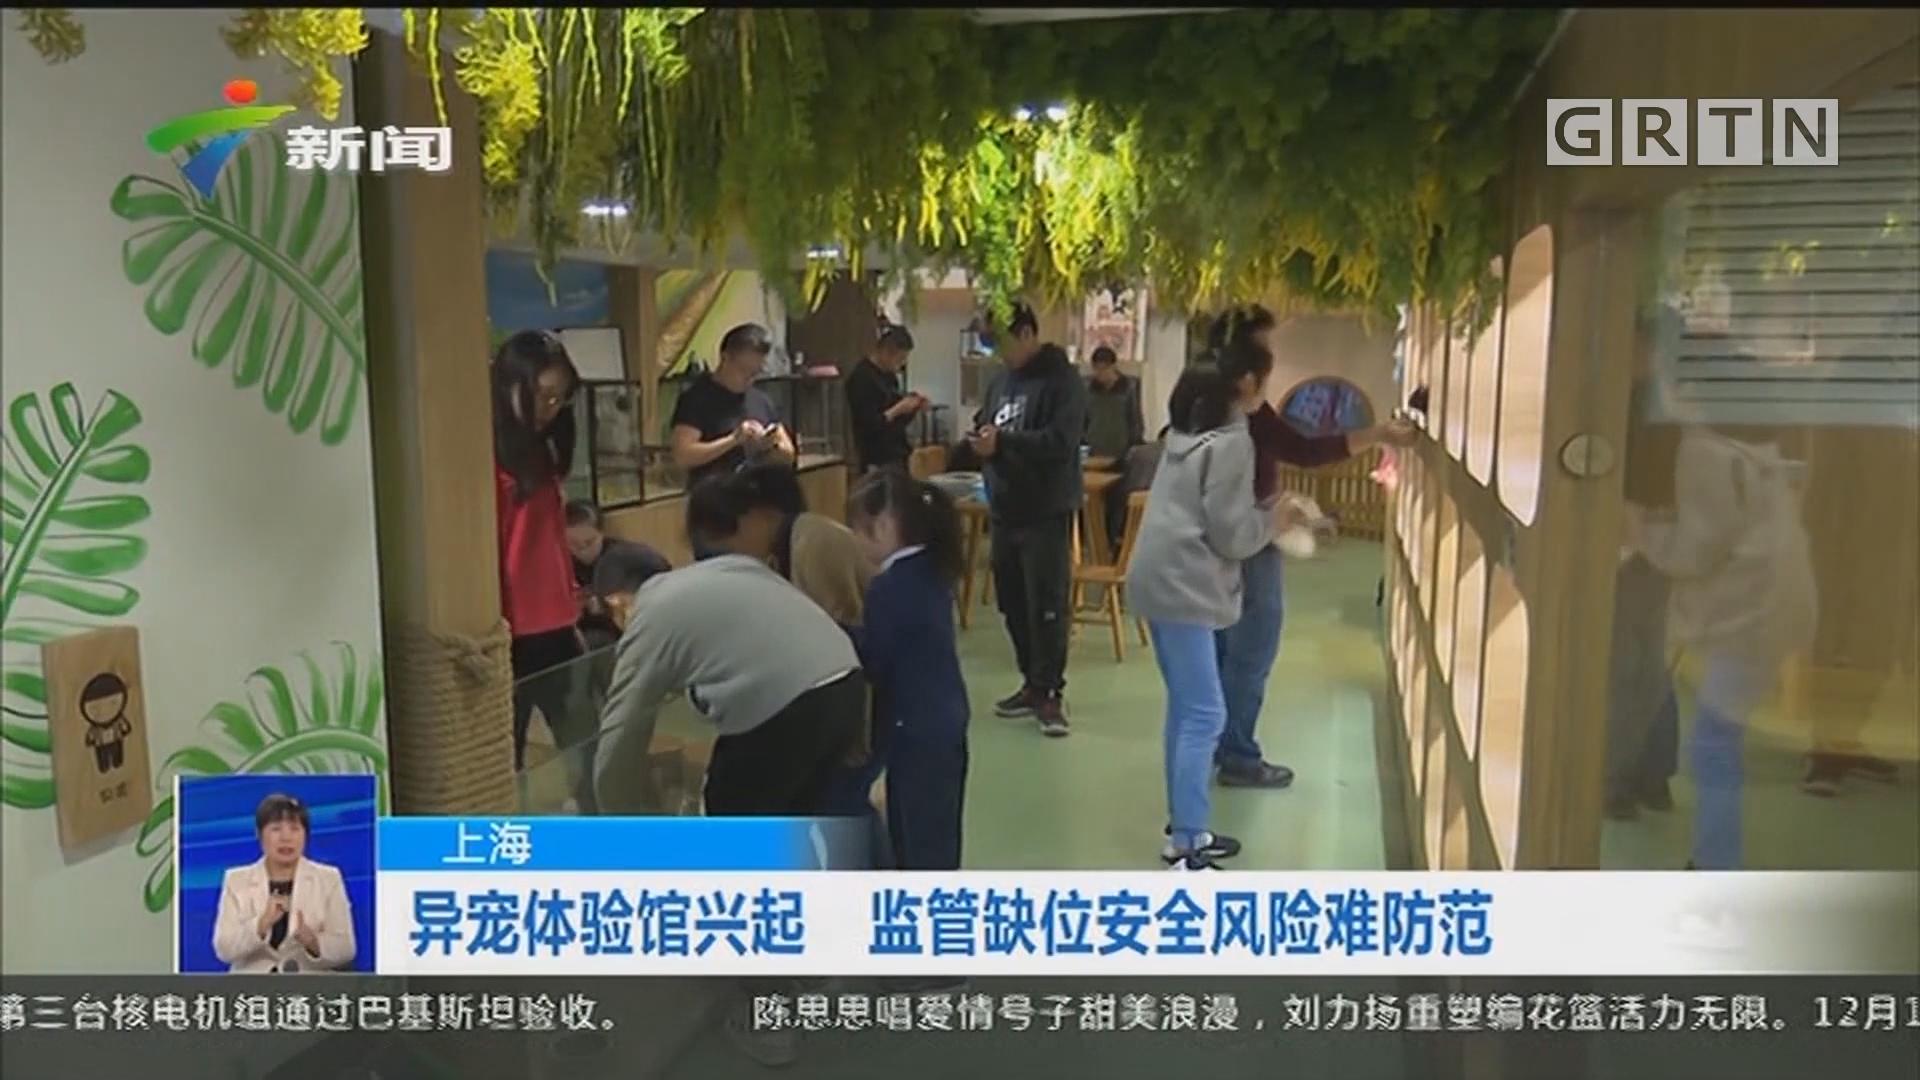 上海:异宠体验馆兴起 监管缺位安全风险难防范